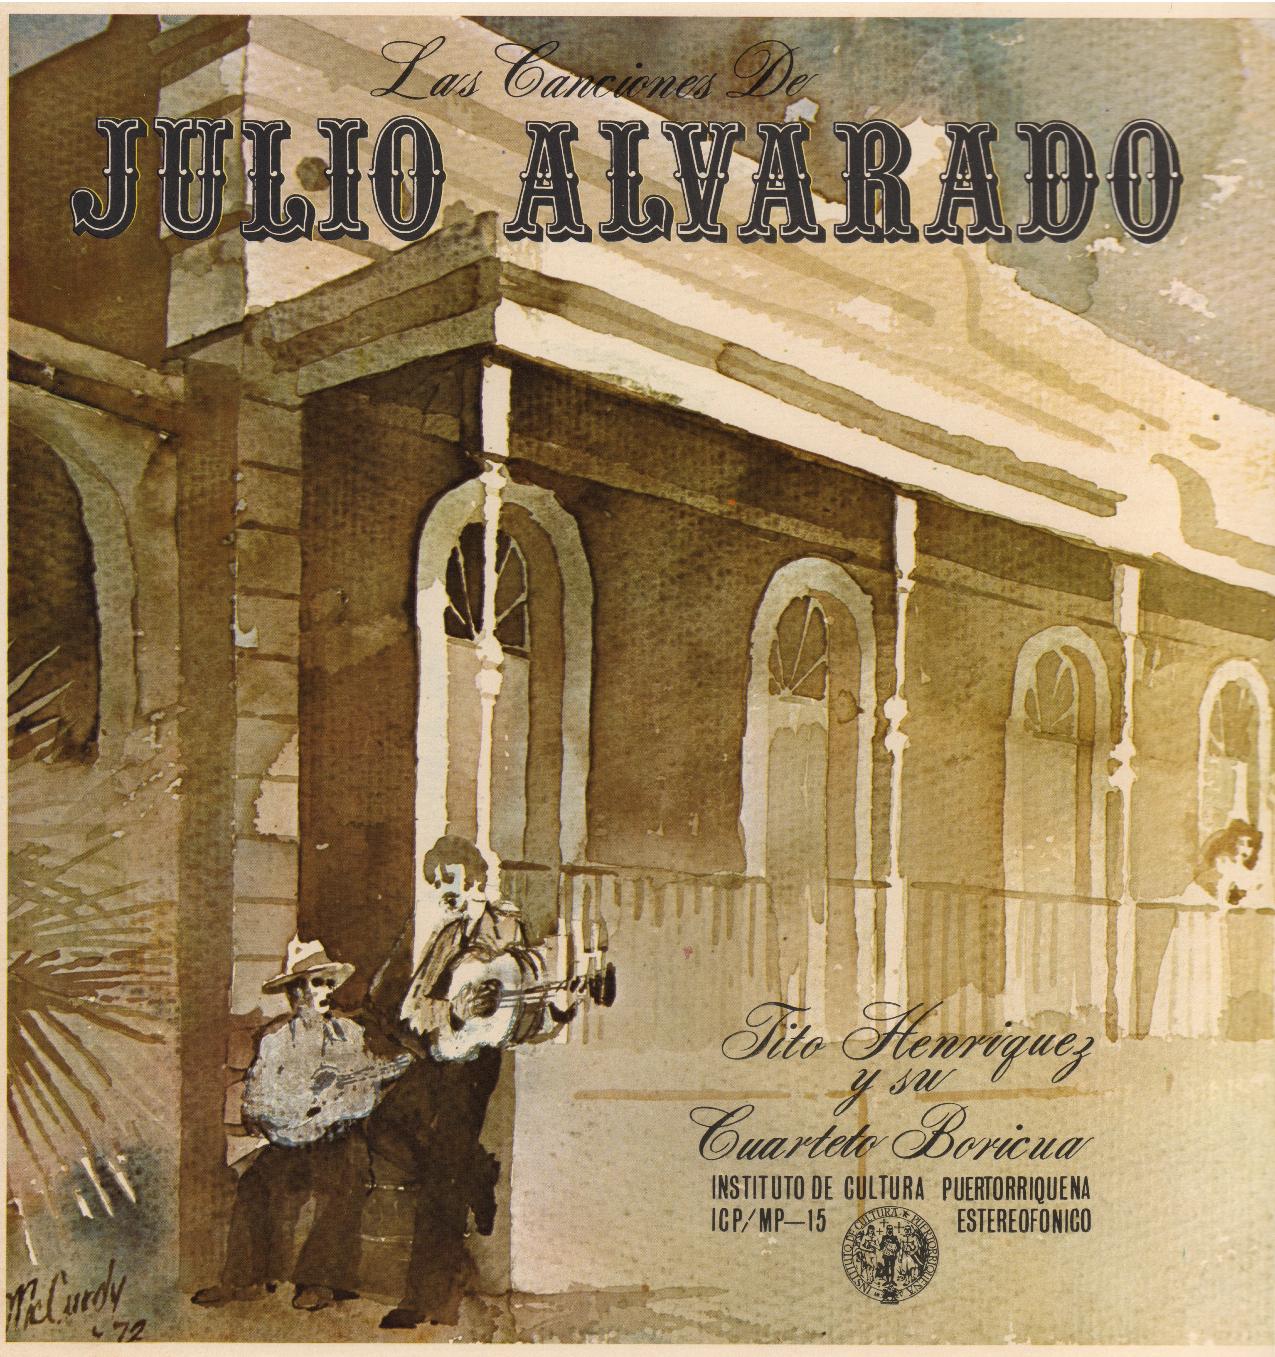 Las Canciones de Julio Alvarado